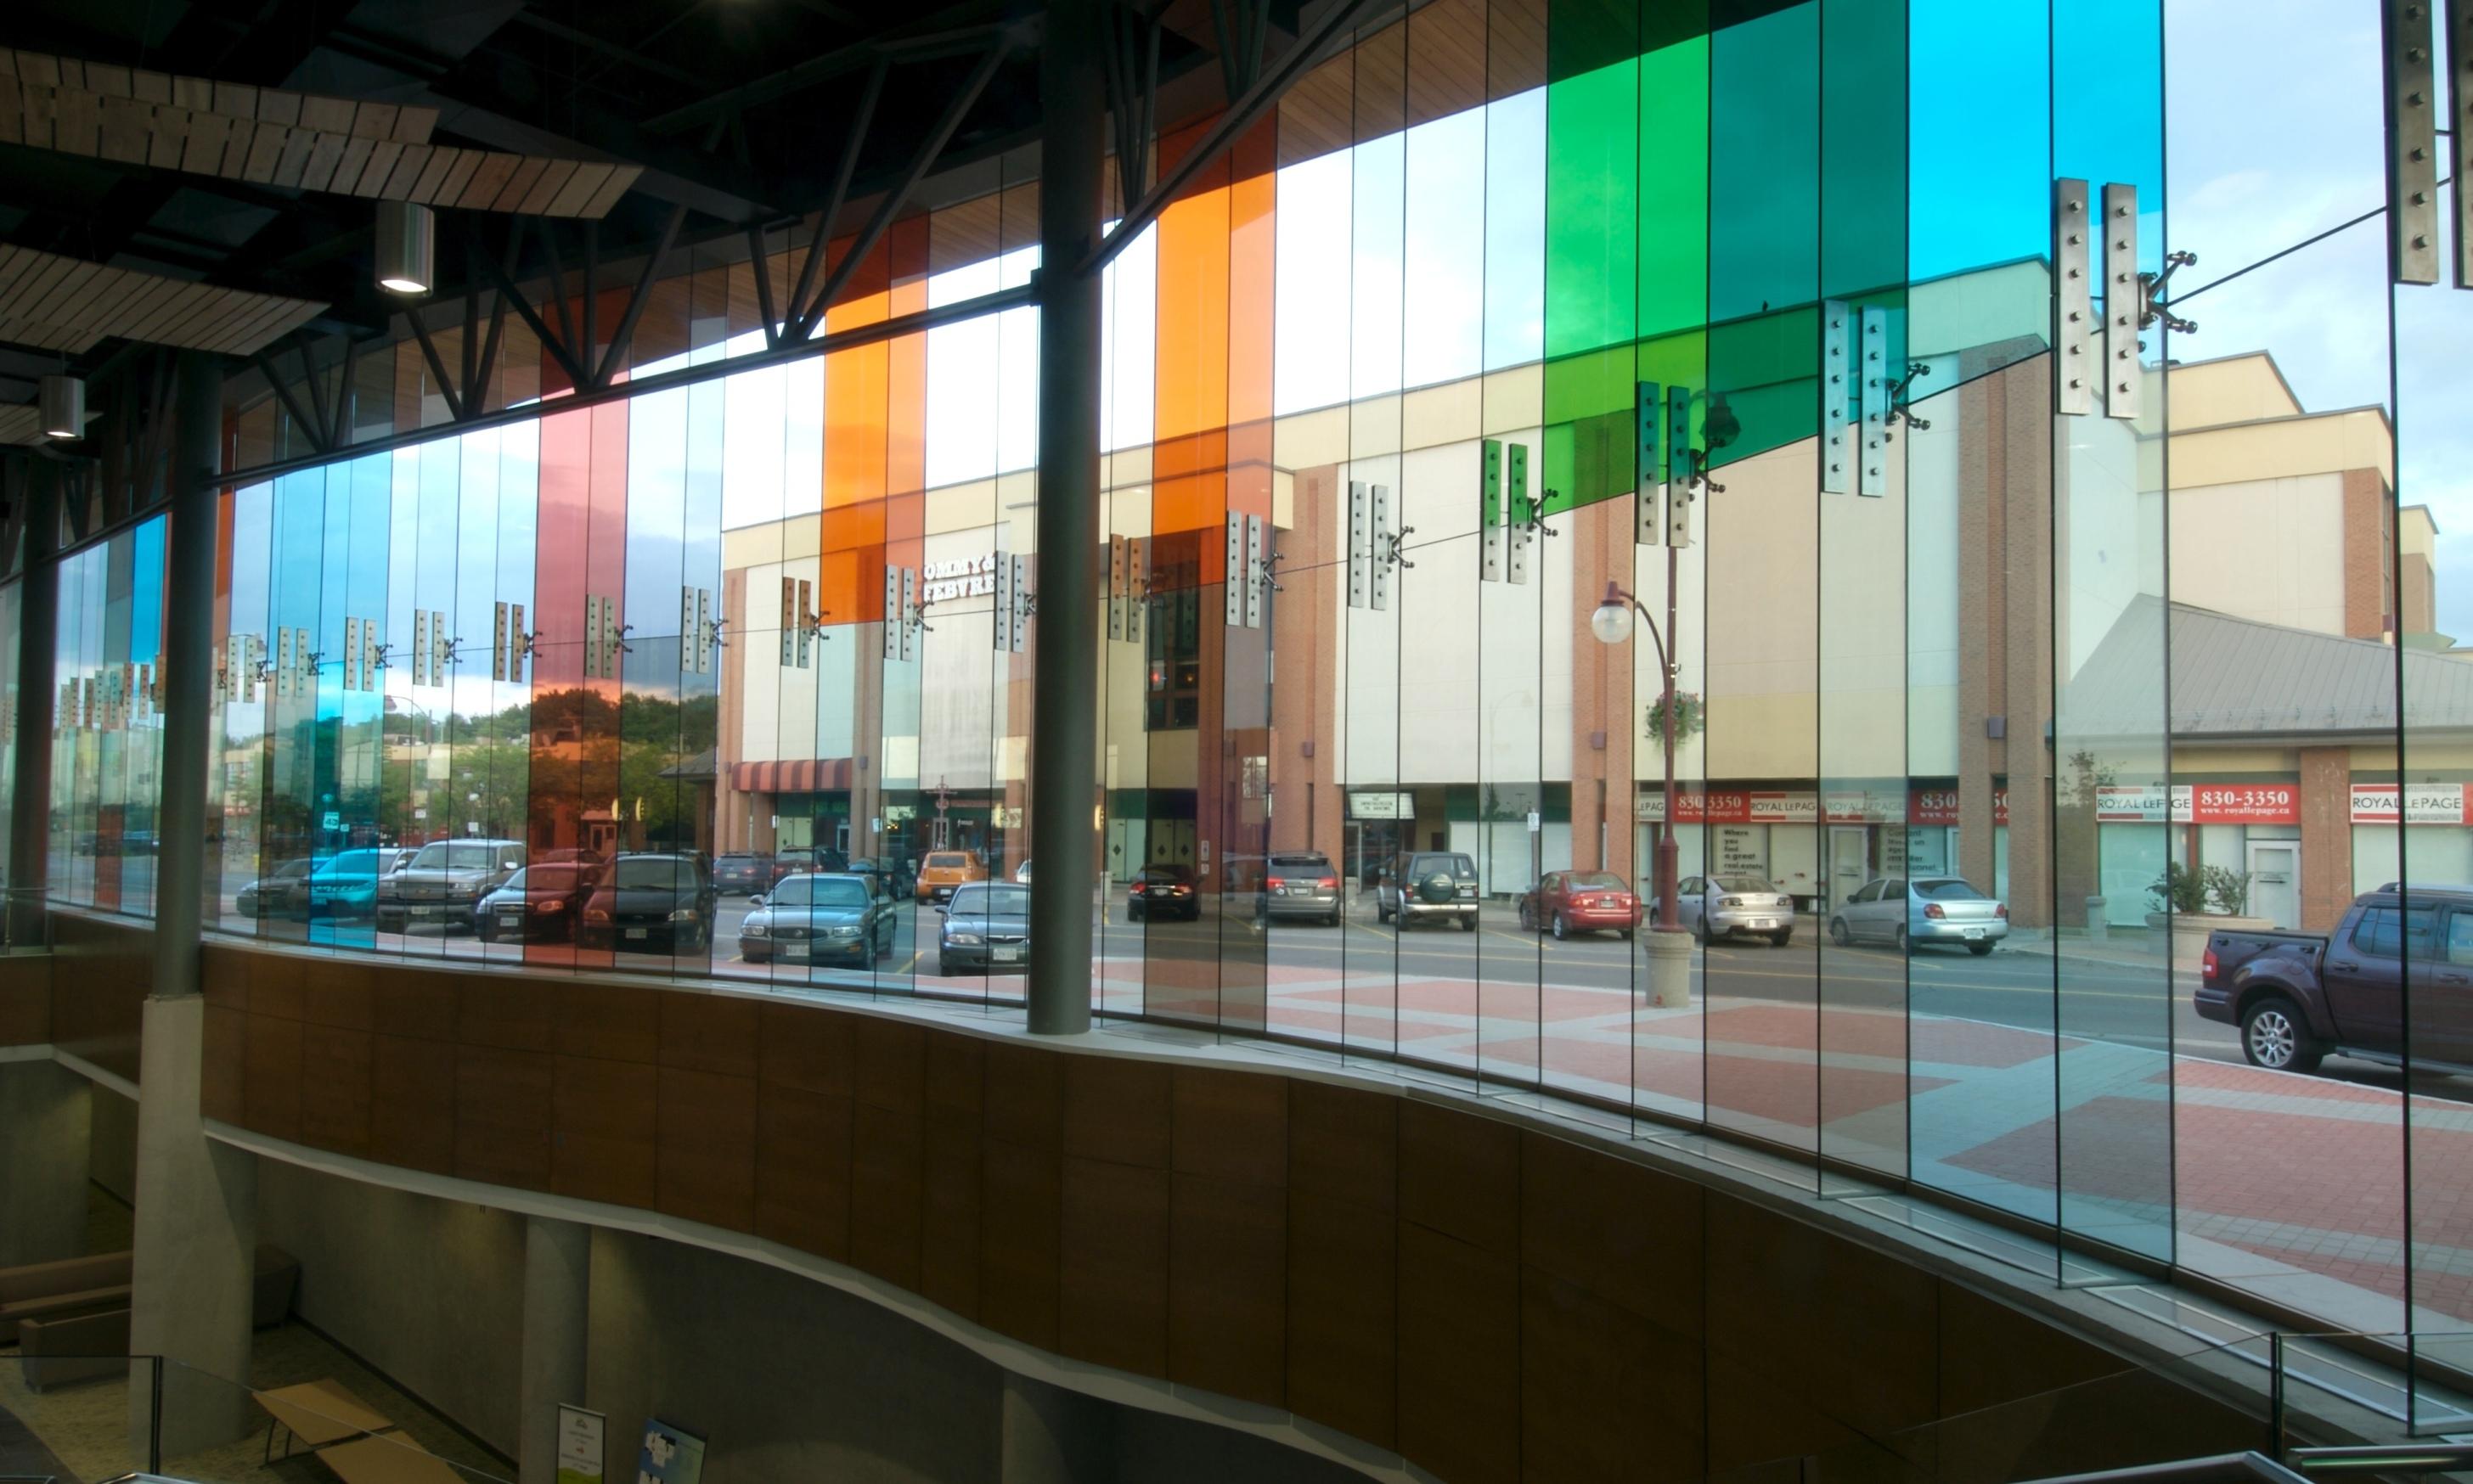 Installation by Adrian Göllner